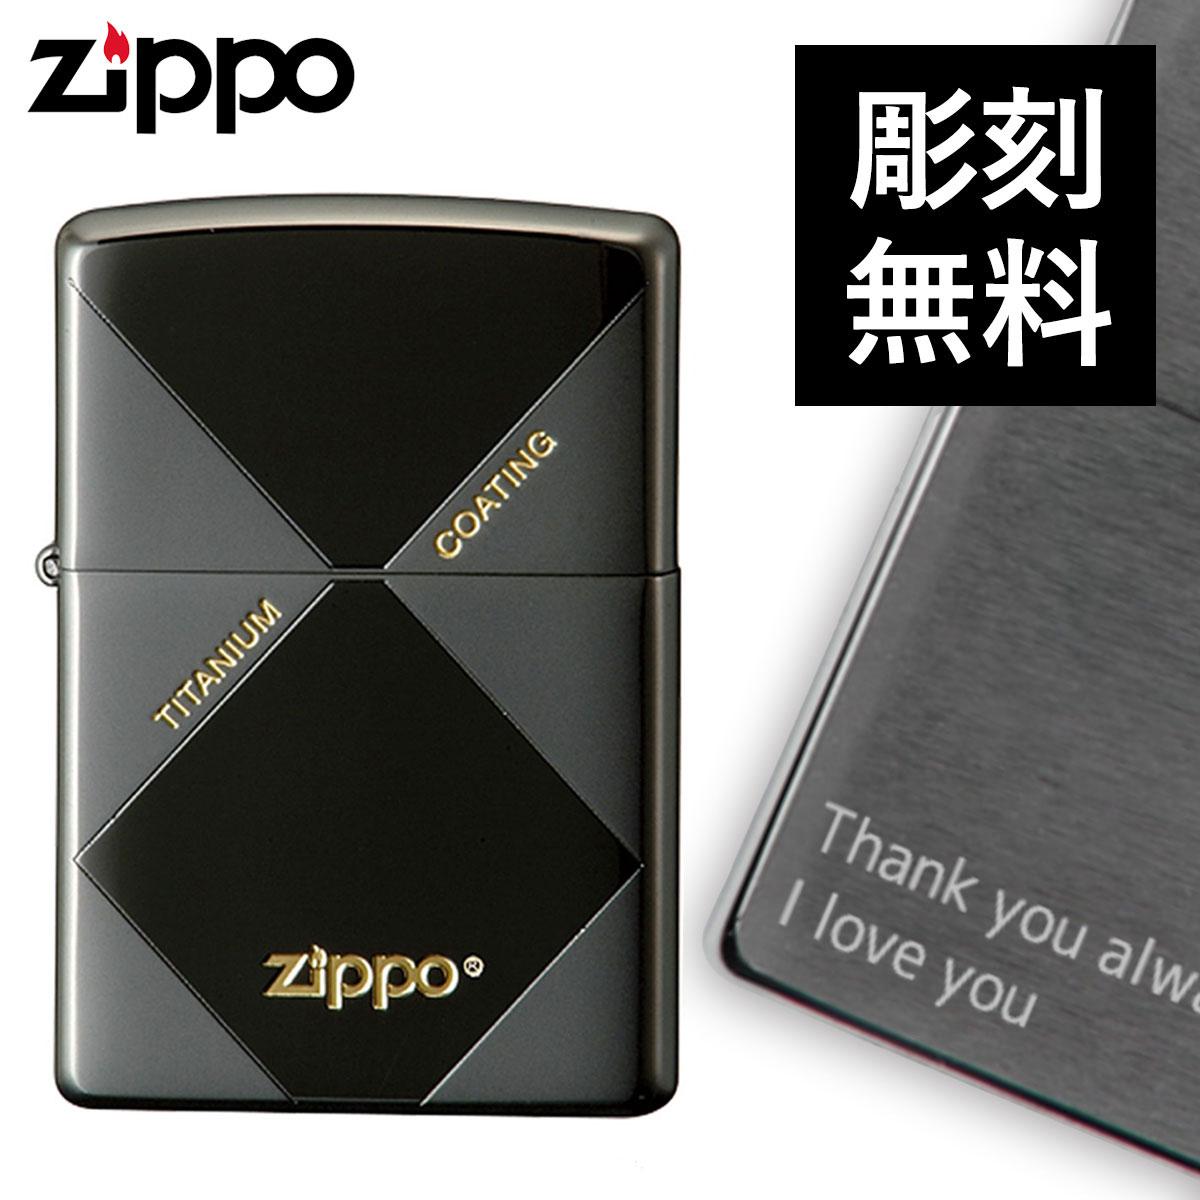 zippo 名入れ ジッポー ライター チタン キズがつきにくい TKZ D オイルライター ジッポライター ギフト プレゼント 彼氏 男性 メンズ